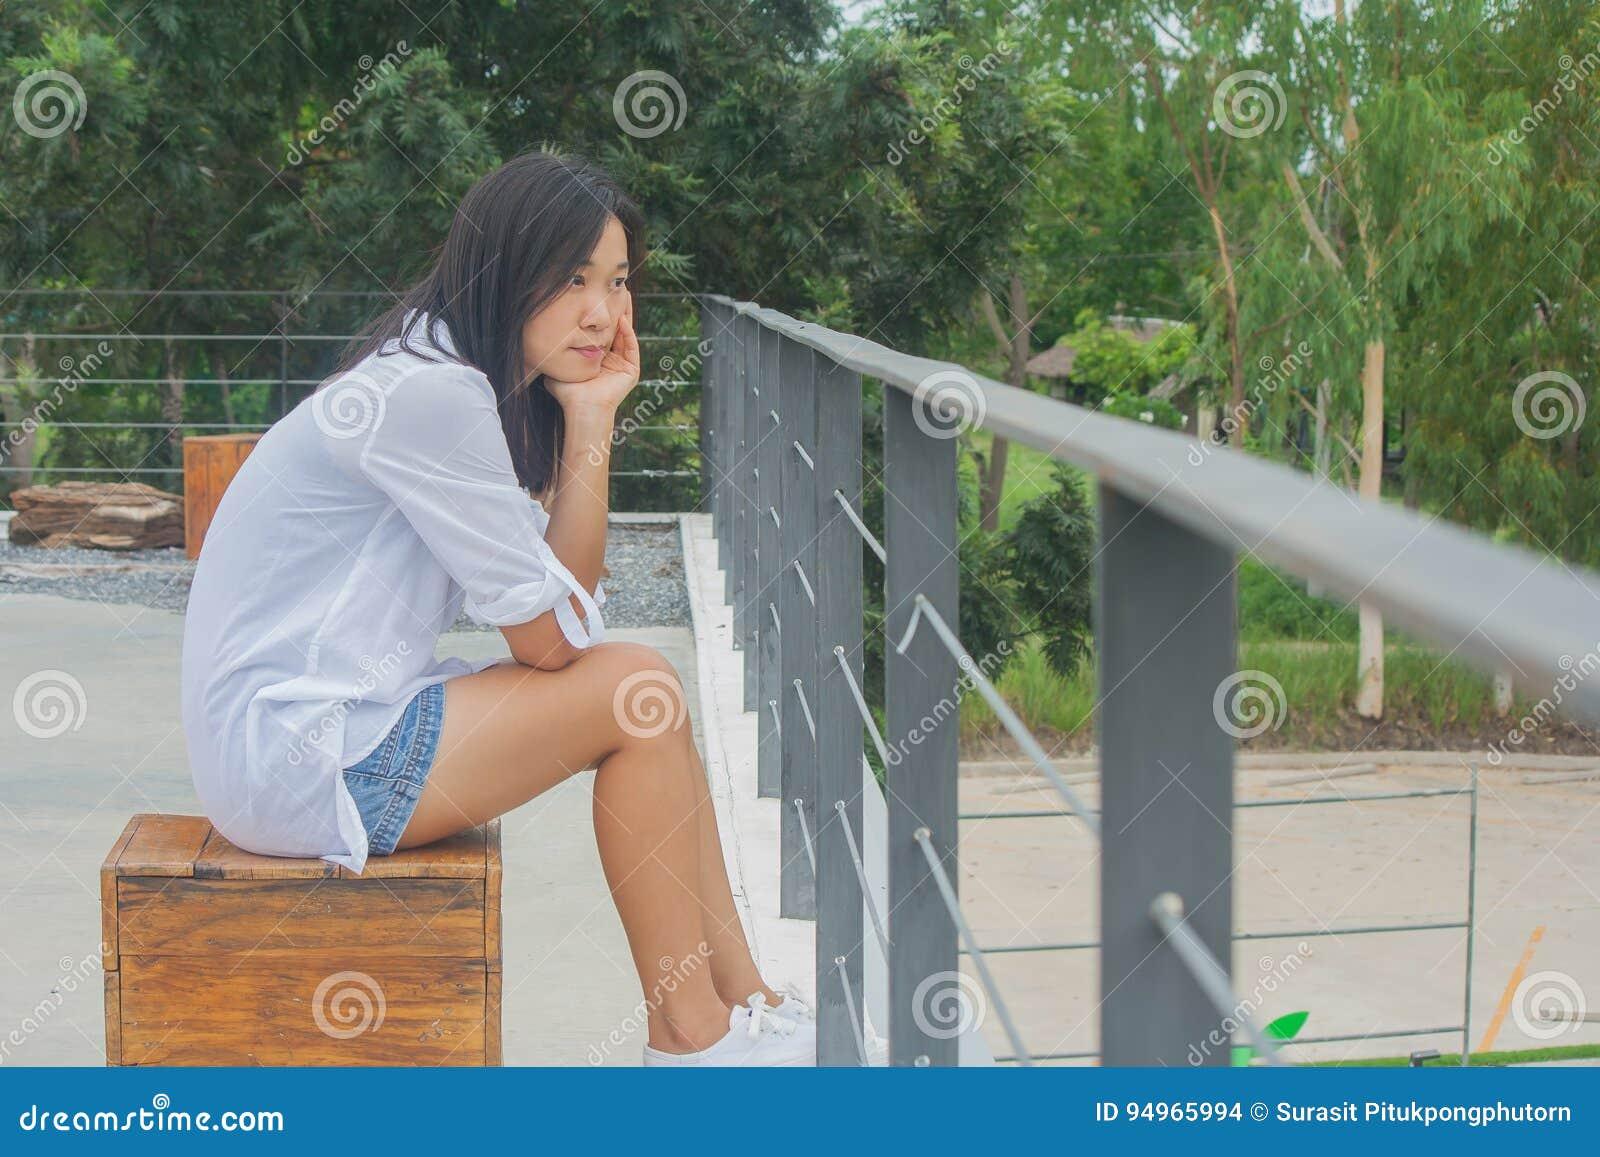 Ασιατική συνεδρίαση γυναικών στην ξύλινη καρέκλα σε επίπεδης κορυφής των κτηρίων στεγών, χαλαρώνοντας και κοιτάζοντας προς τα εμπ